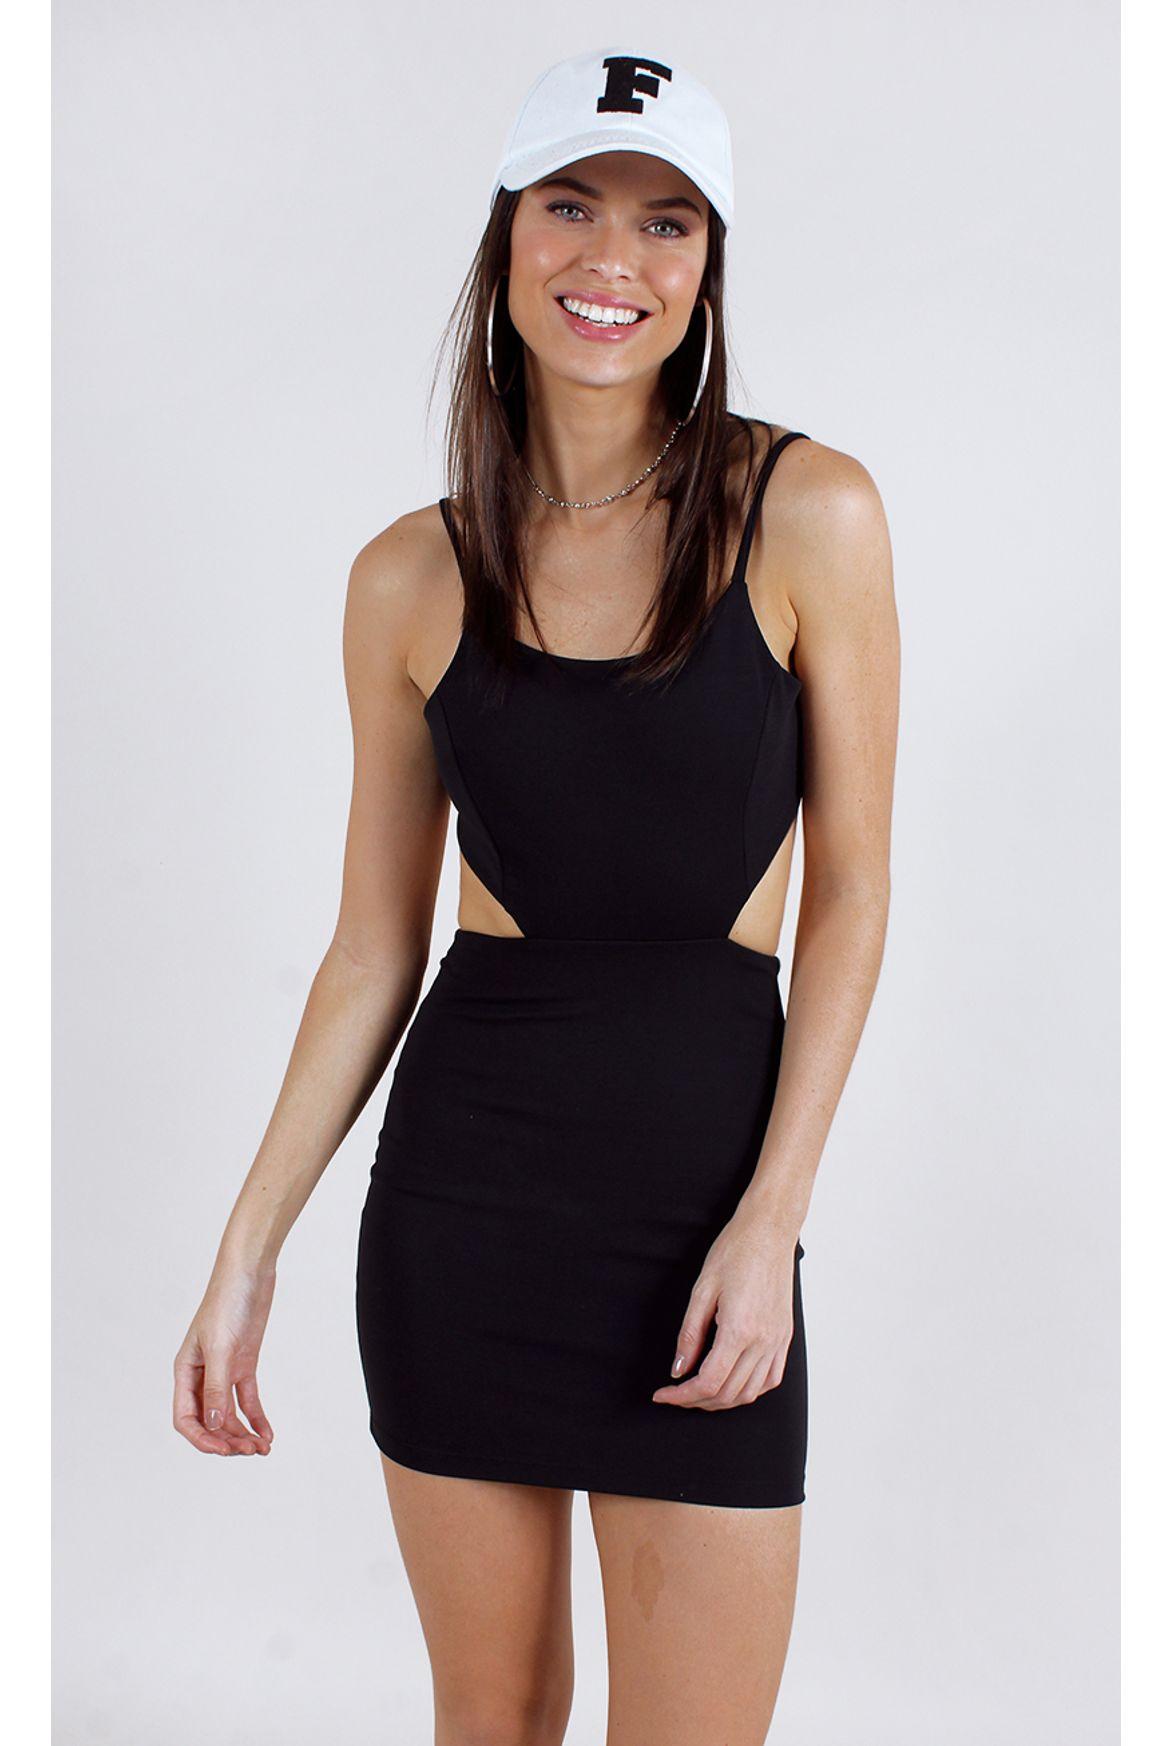 Fshn Vestido Letícia W Amarração Costas Preto Fashion Closet